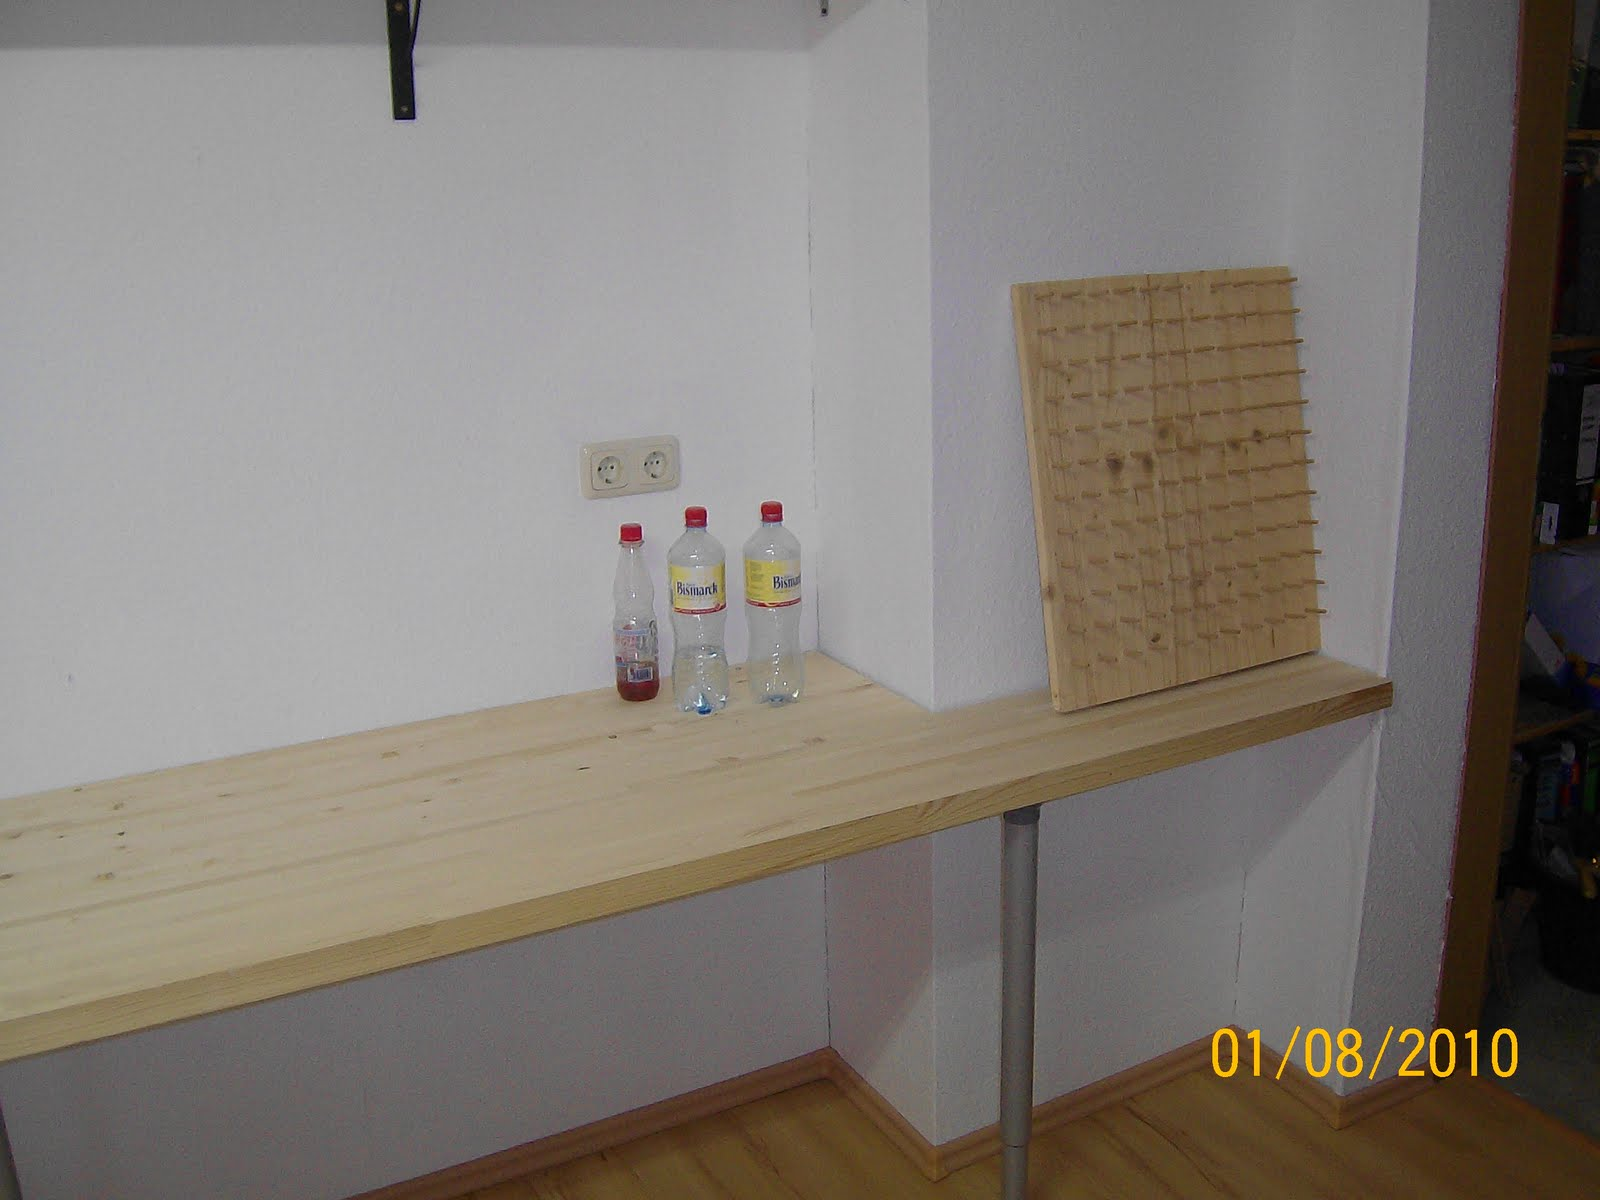 pin schreibtisch selber bauen on pinterest. Black Bedroom Furniture Sets. Home Design Ideas